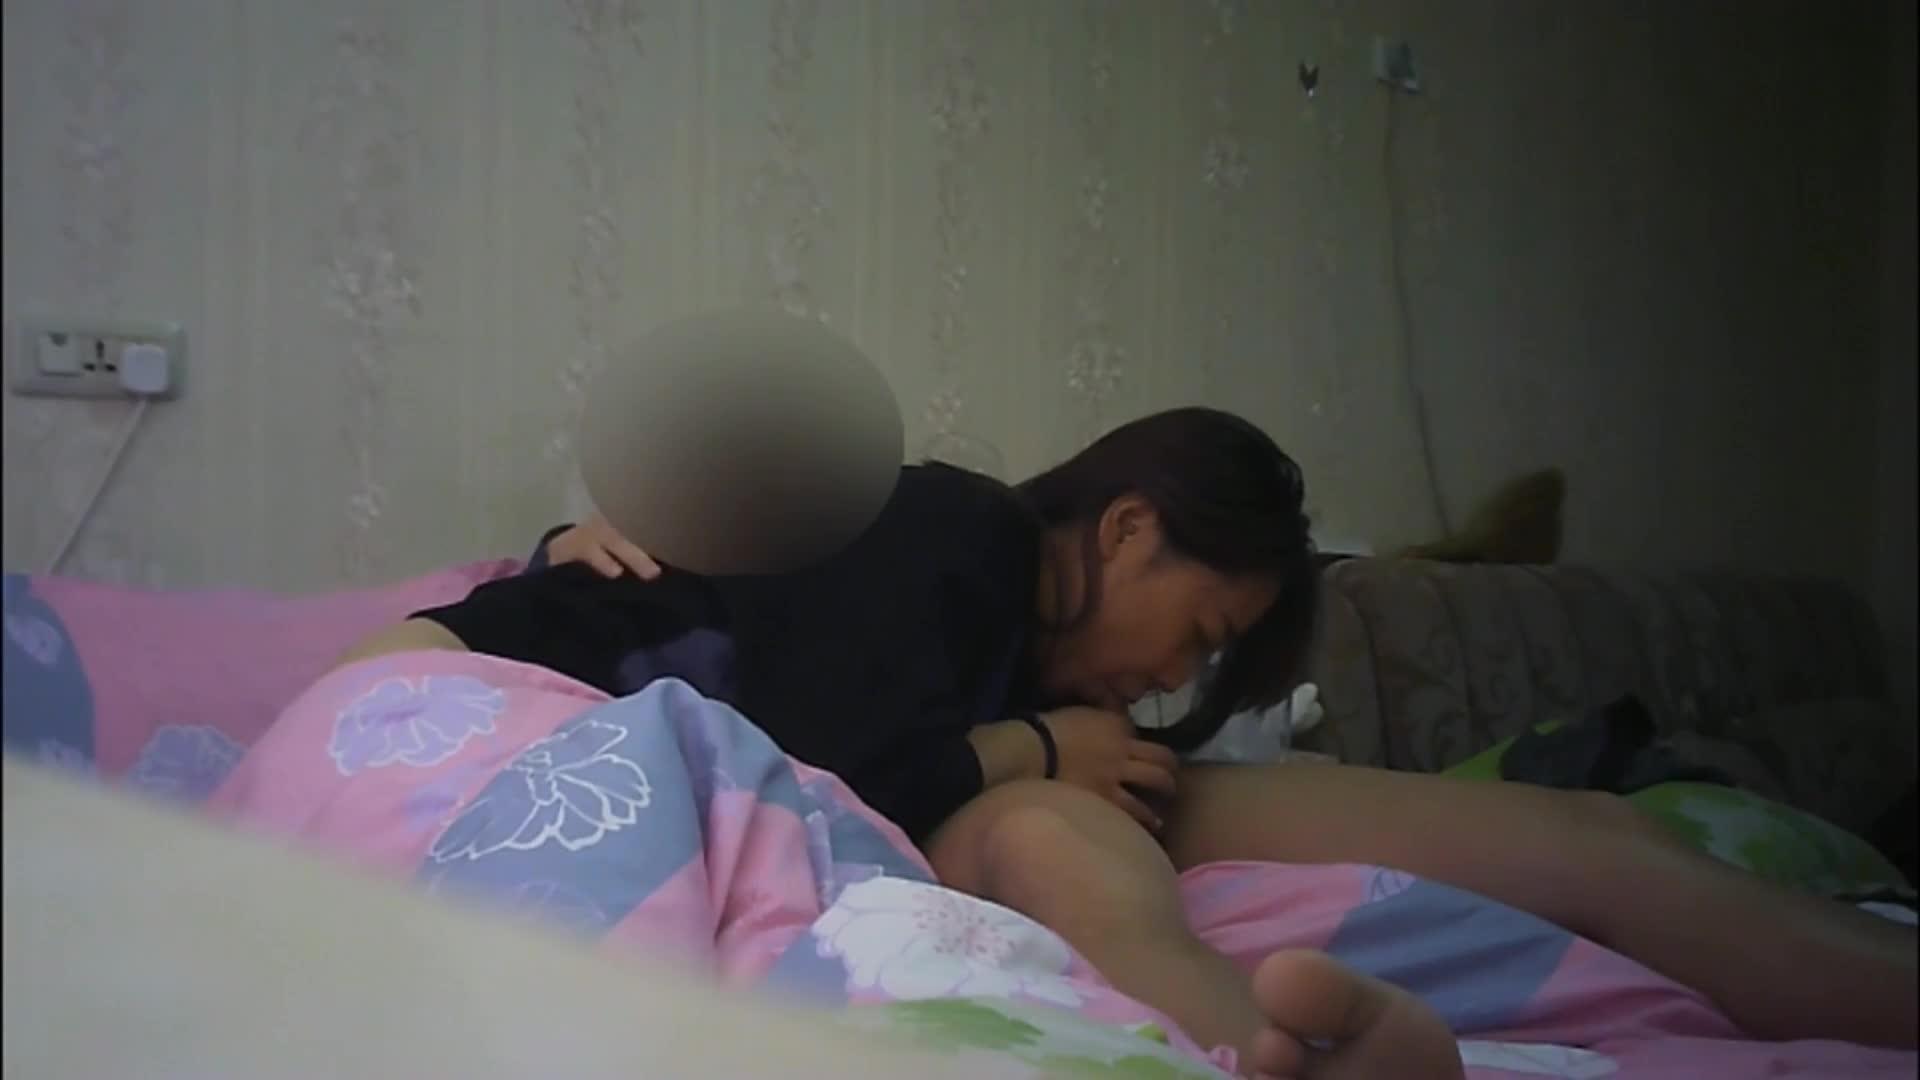 寂寞丰满少妇趁老公不在家把情夫领家里偷情饥渴难耐衣服不脱沙发上搞一炮回床又干一炮国语1080P原版